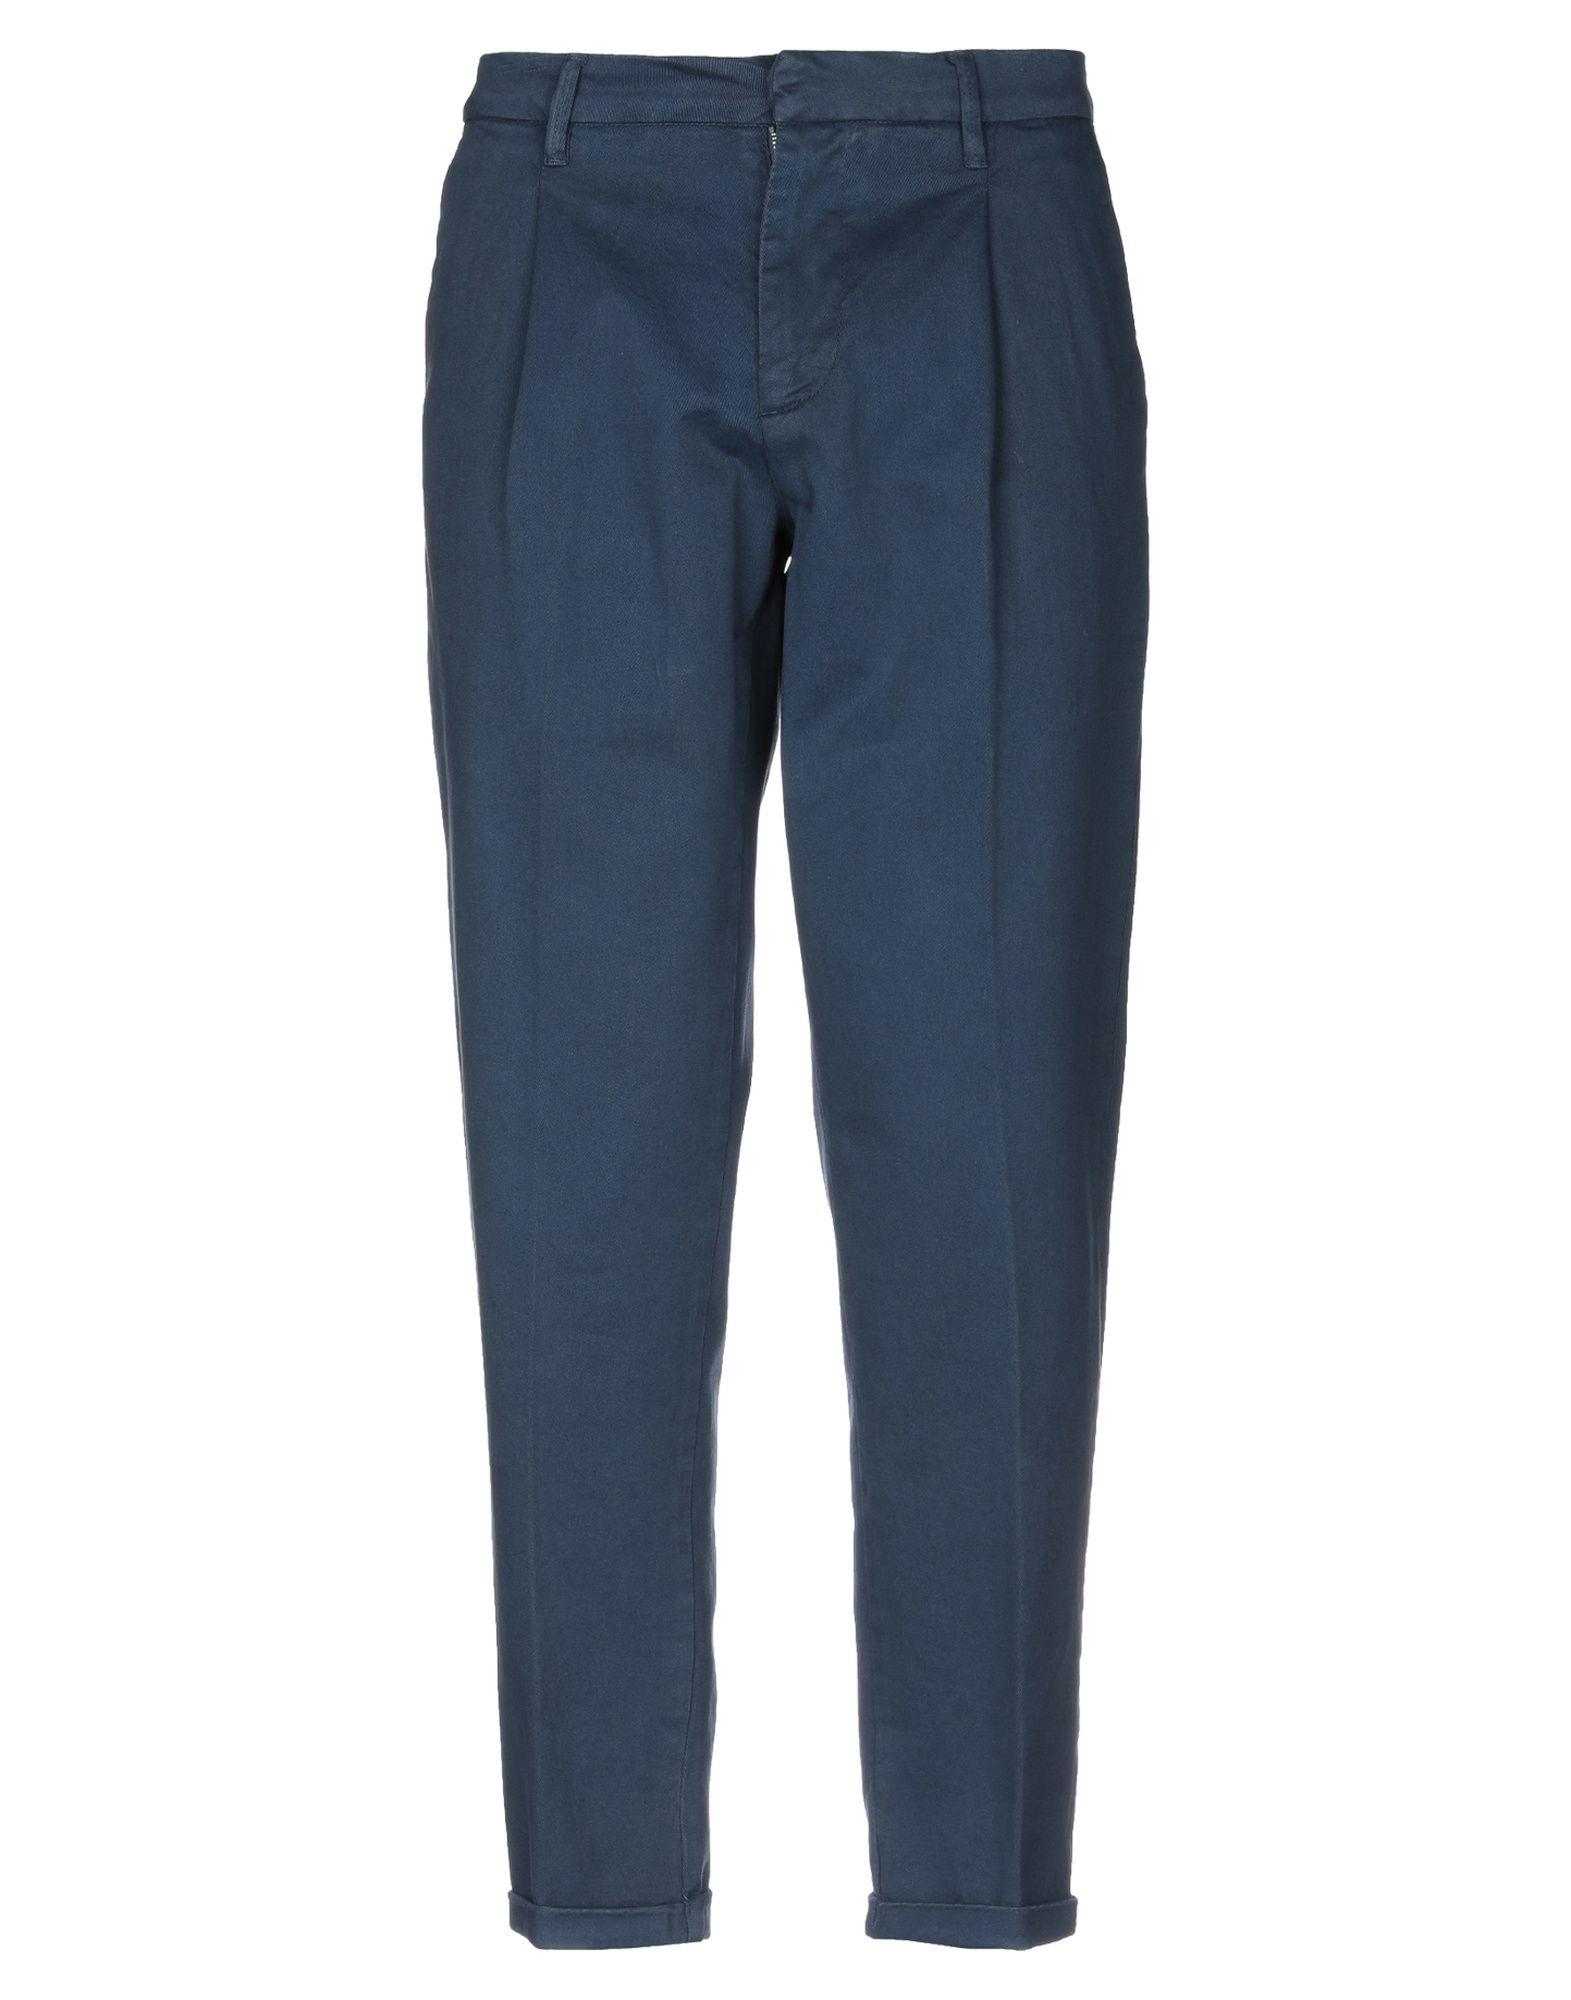 《期間限定セール中》LABORATORI ITALIANI メンズ パンツ ダークブルー 46 コットン 98% / ポリウレタン 2%